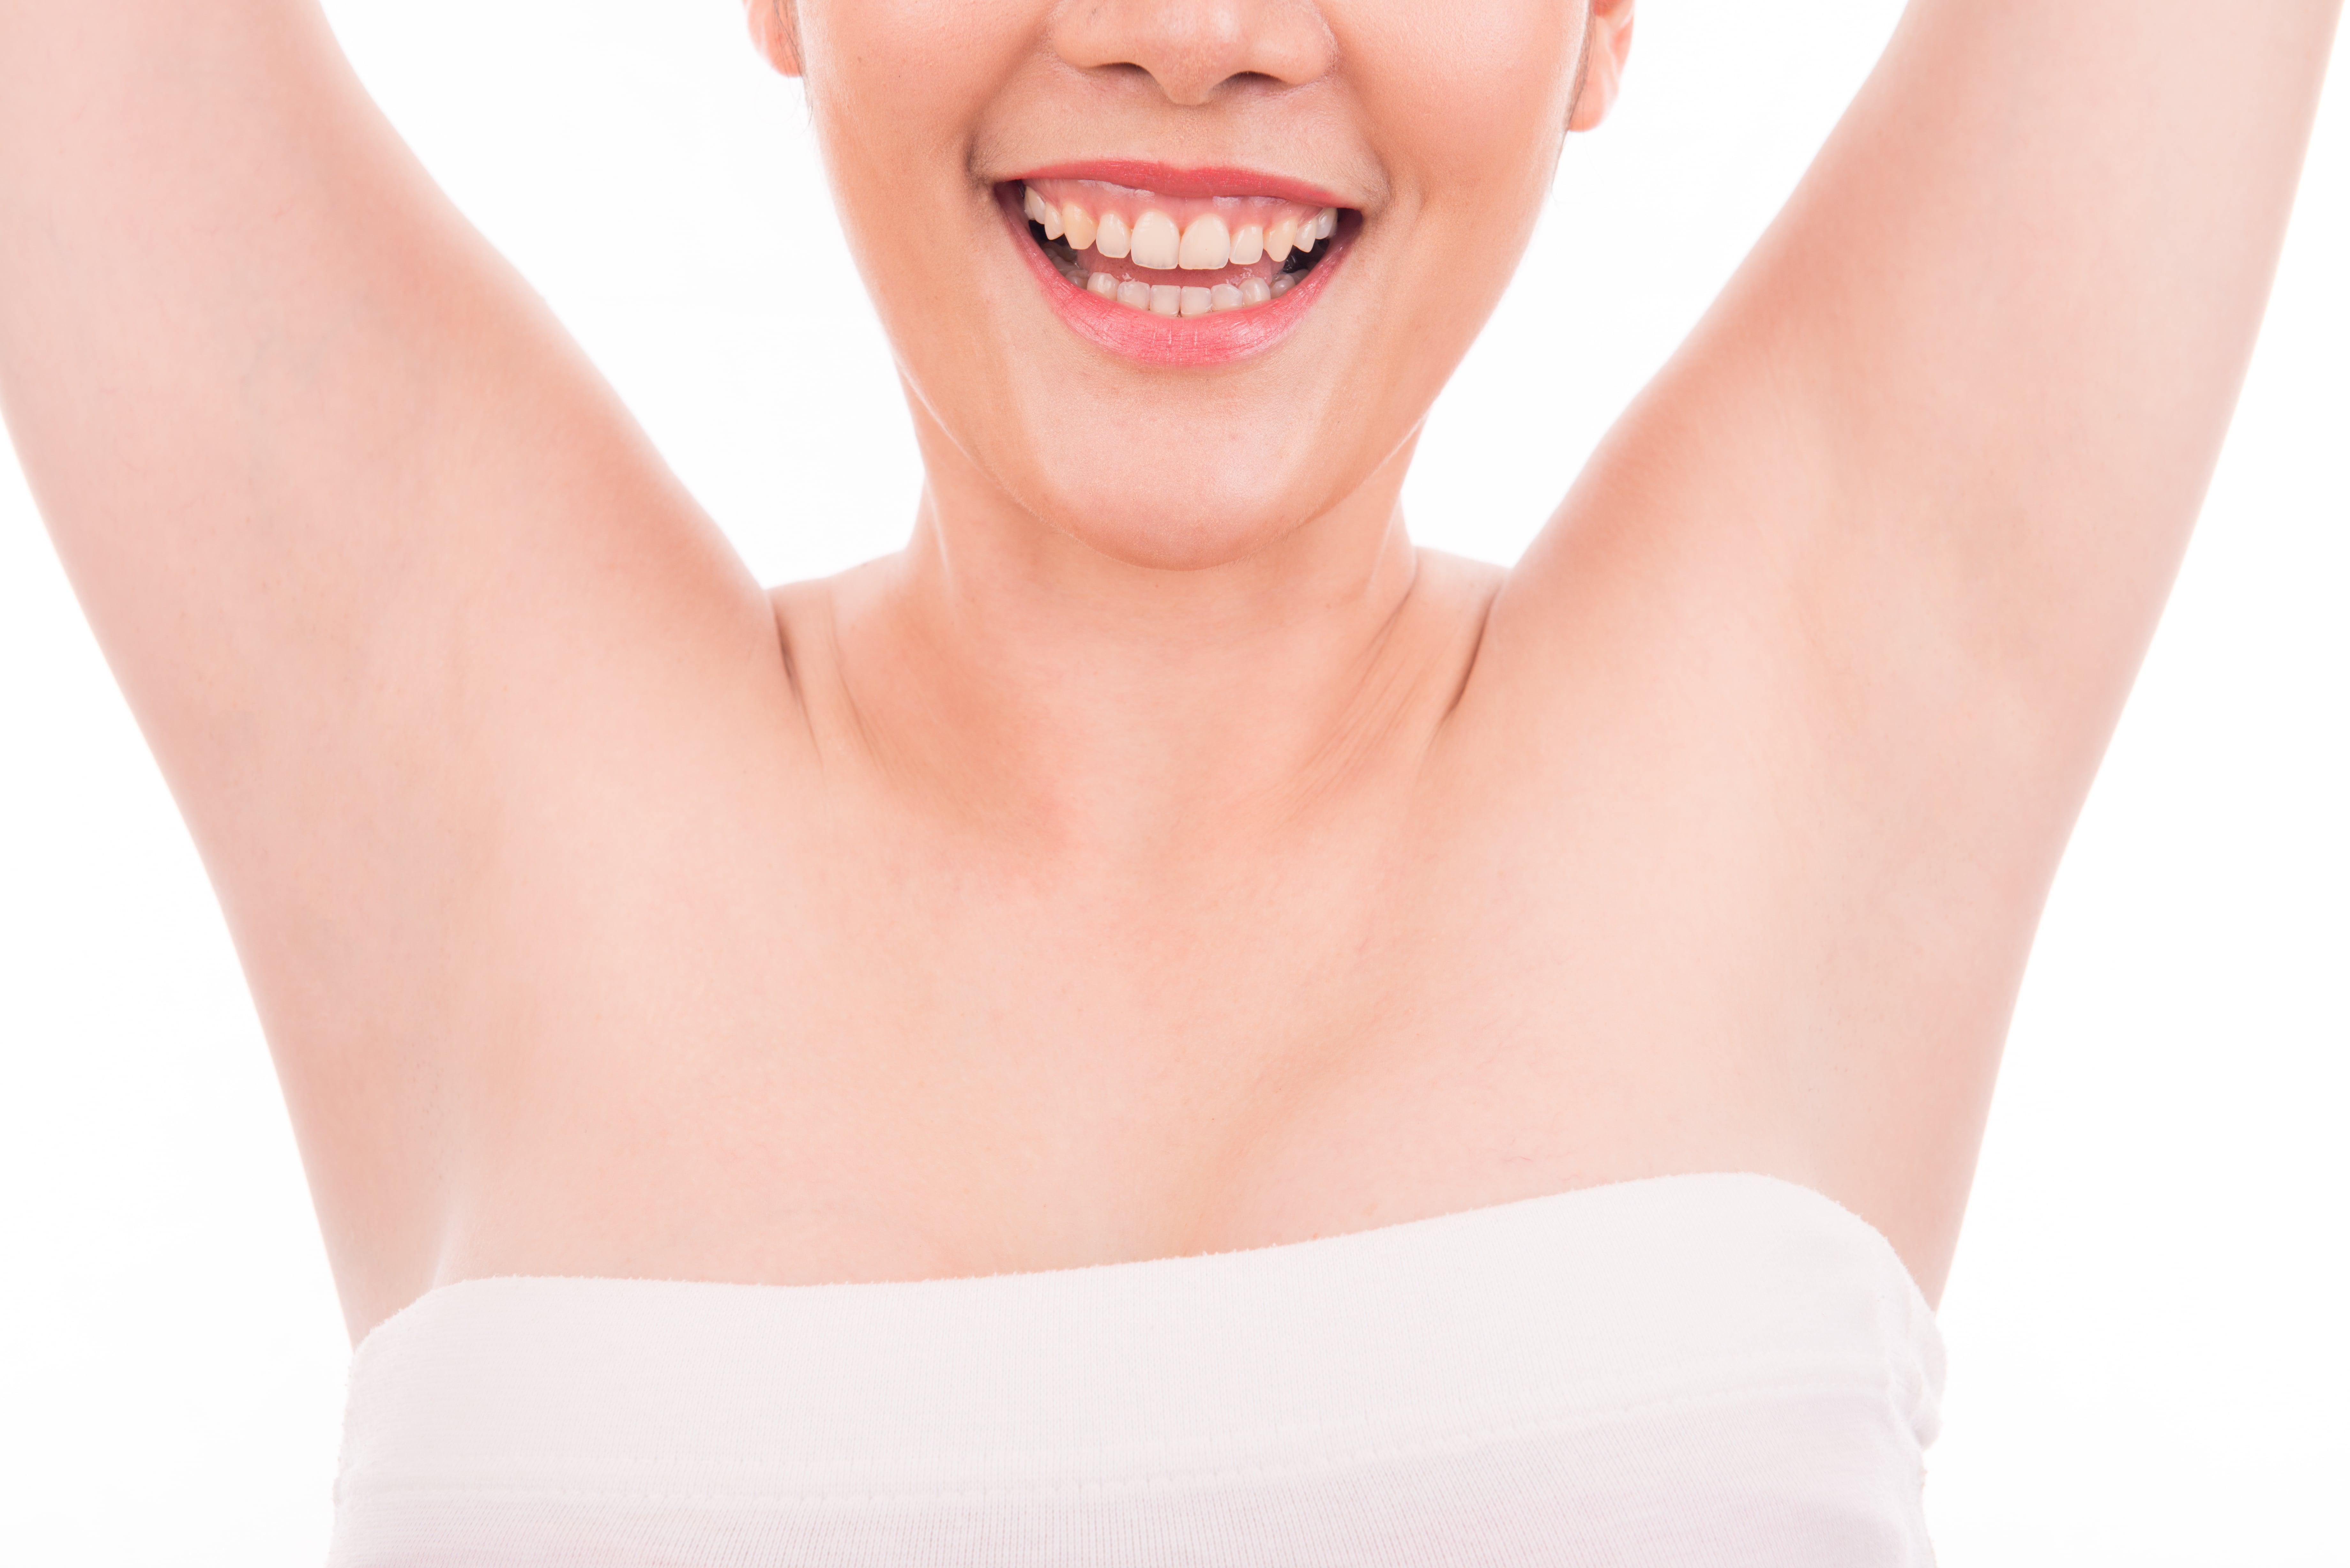 Pearlwax Voksning af arme og armhuler